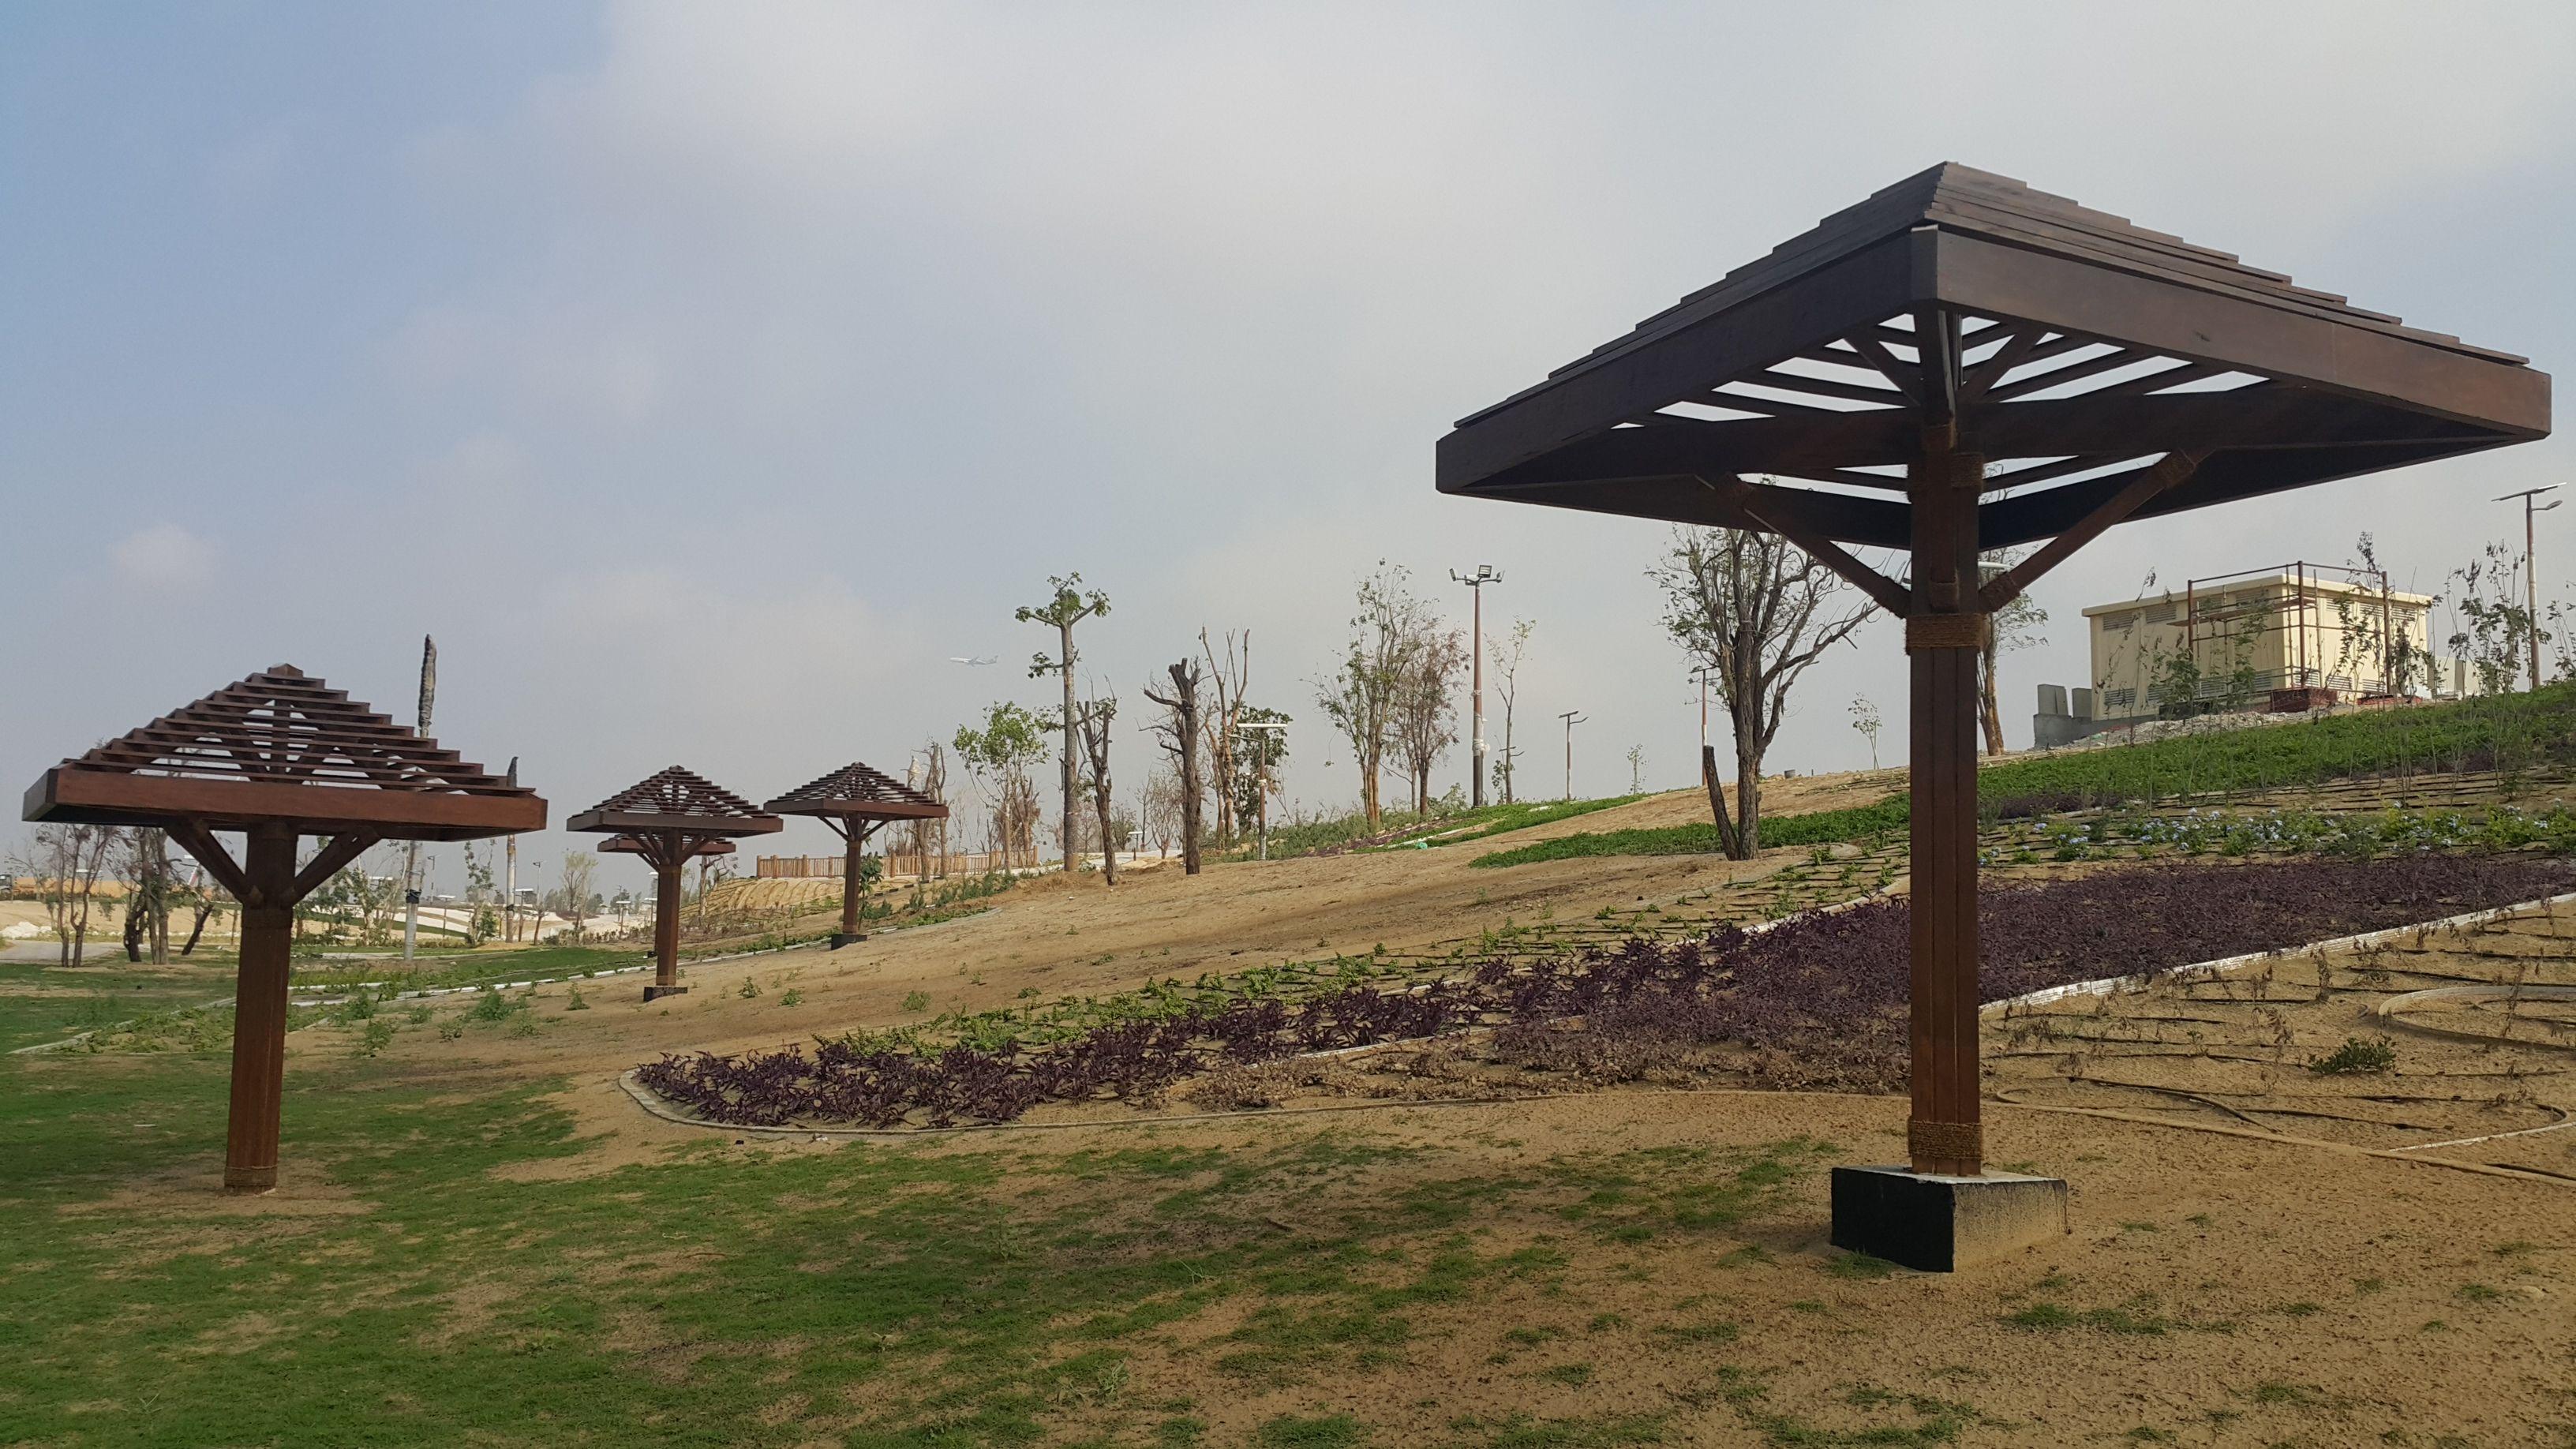 African Style Pergolas. Dubai   Interior design and build ...